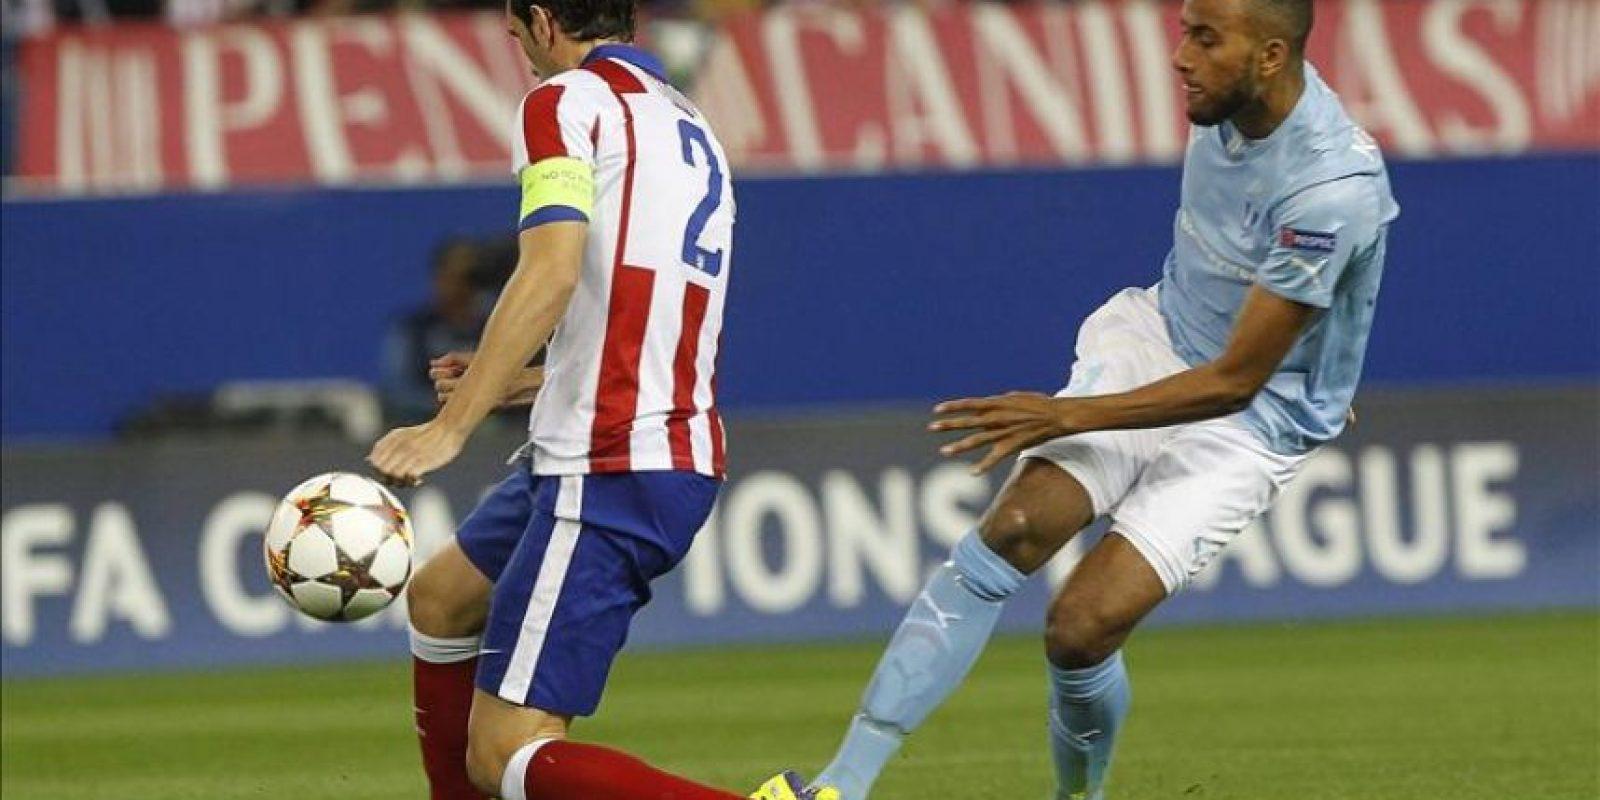 El defensa uruguayo del Atlético de Madrid Diego Godín (i) intenta evitar el centro del sueco Isaac Kiese Thelin, delantero del Malmoe, durante el partido, correspondiente a la tercera jornada de la fase de grupos de la Liga de Campeones en el estadio Vicente Calderón, en Madrid. EFE